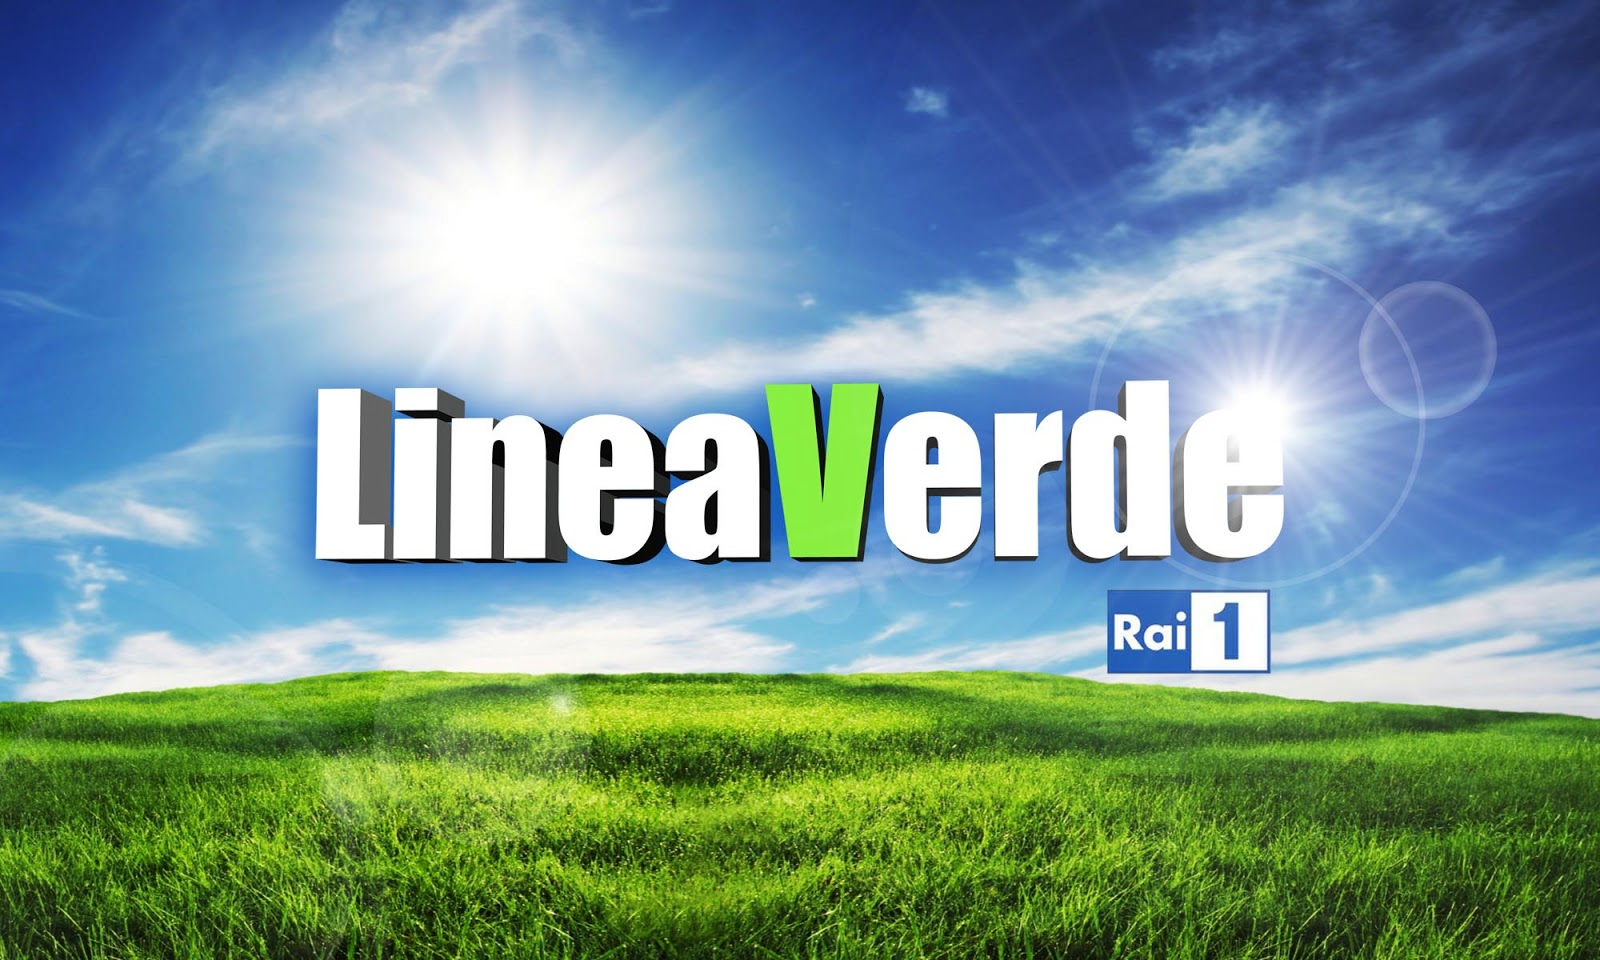 Logo Linea verde